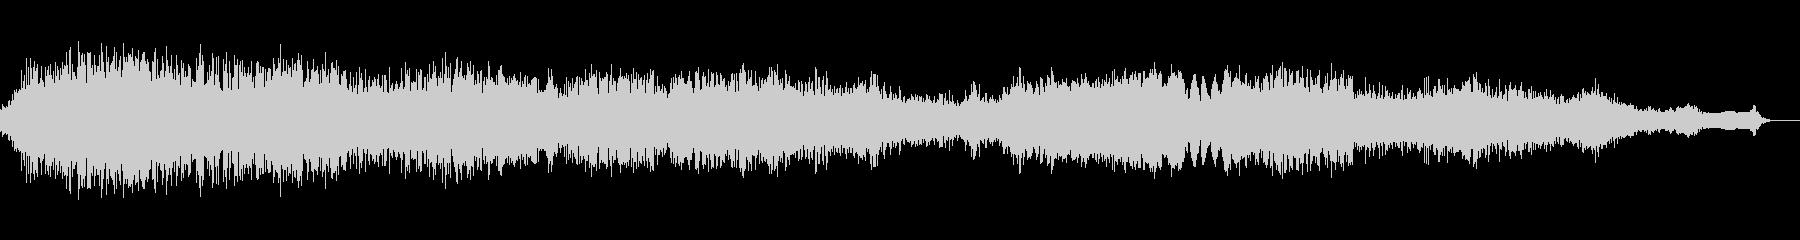 スモールスタジオオーディエンス:G...の未再生の波形